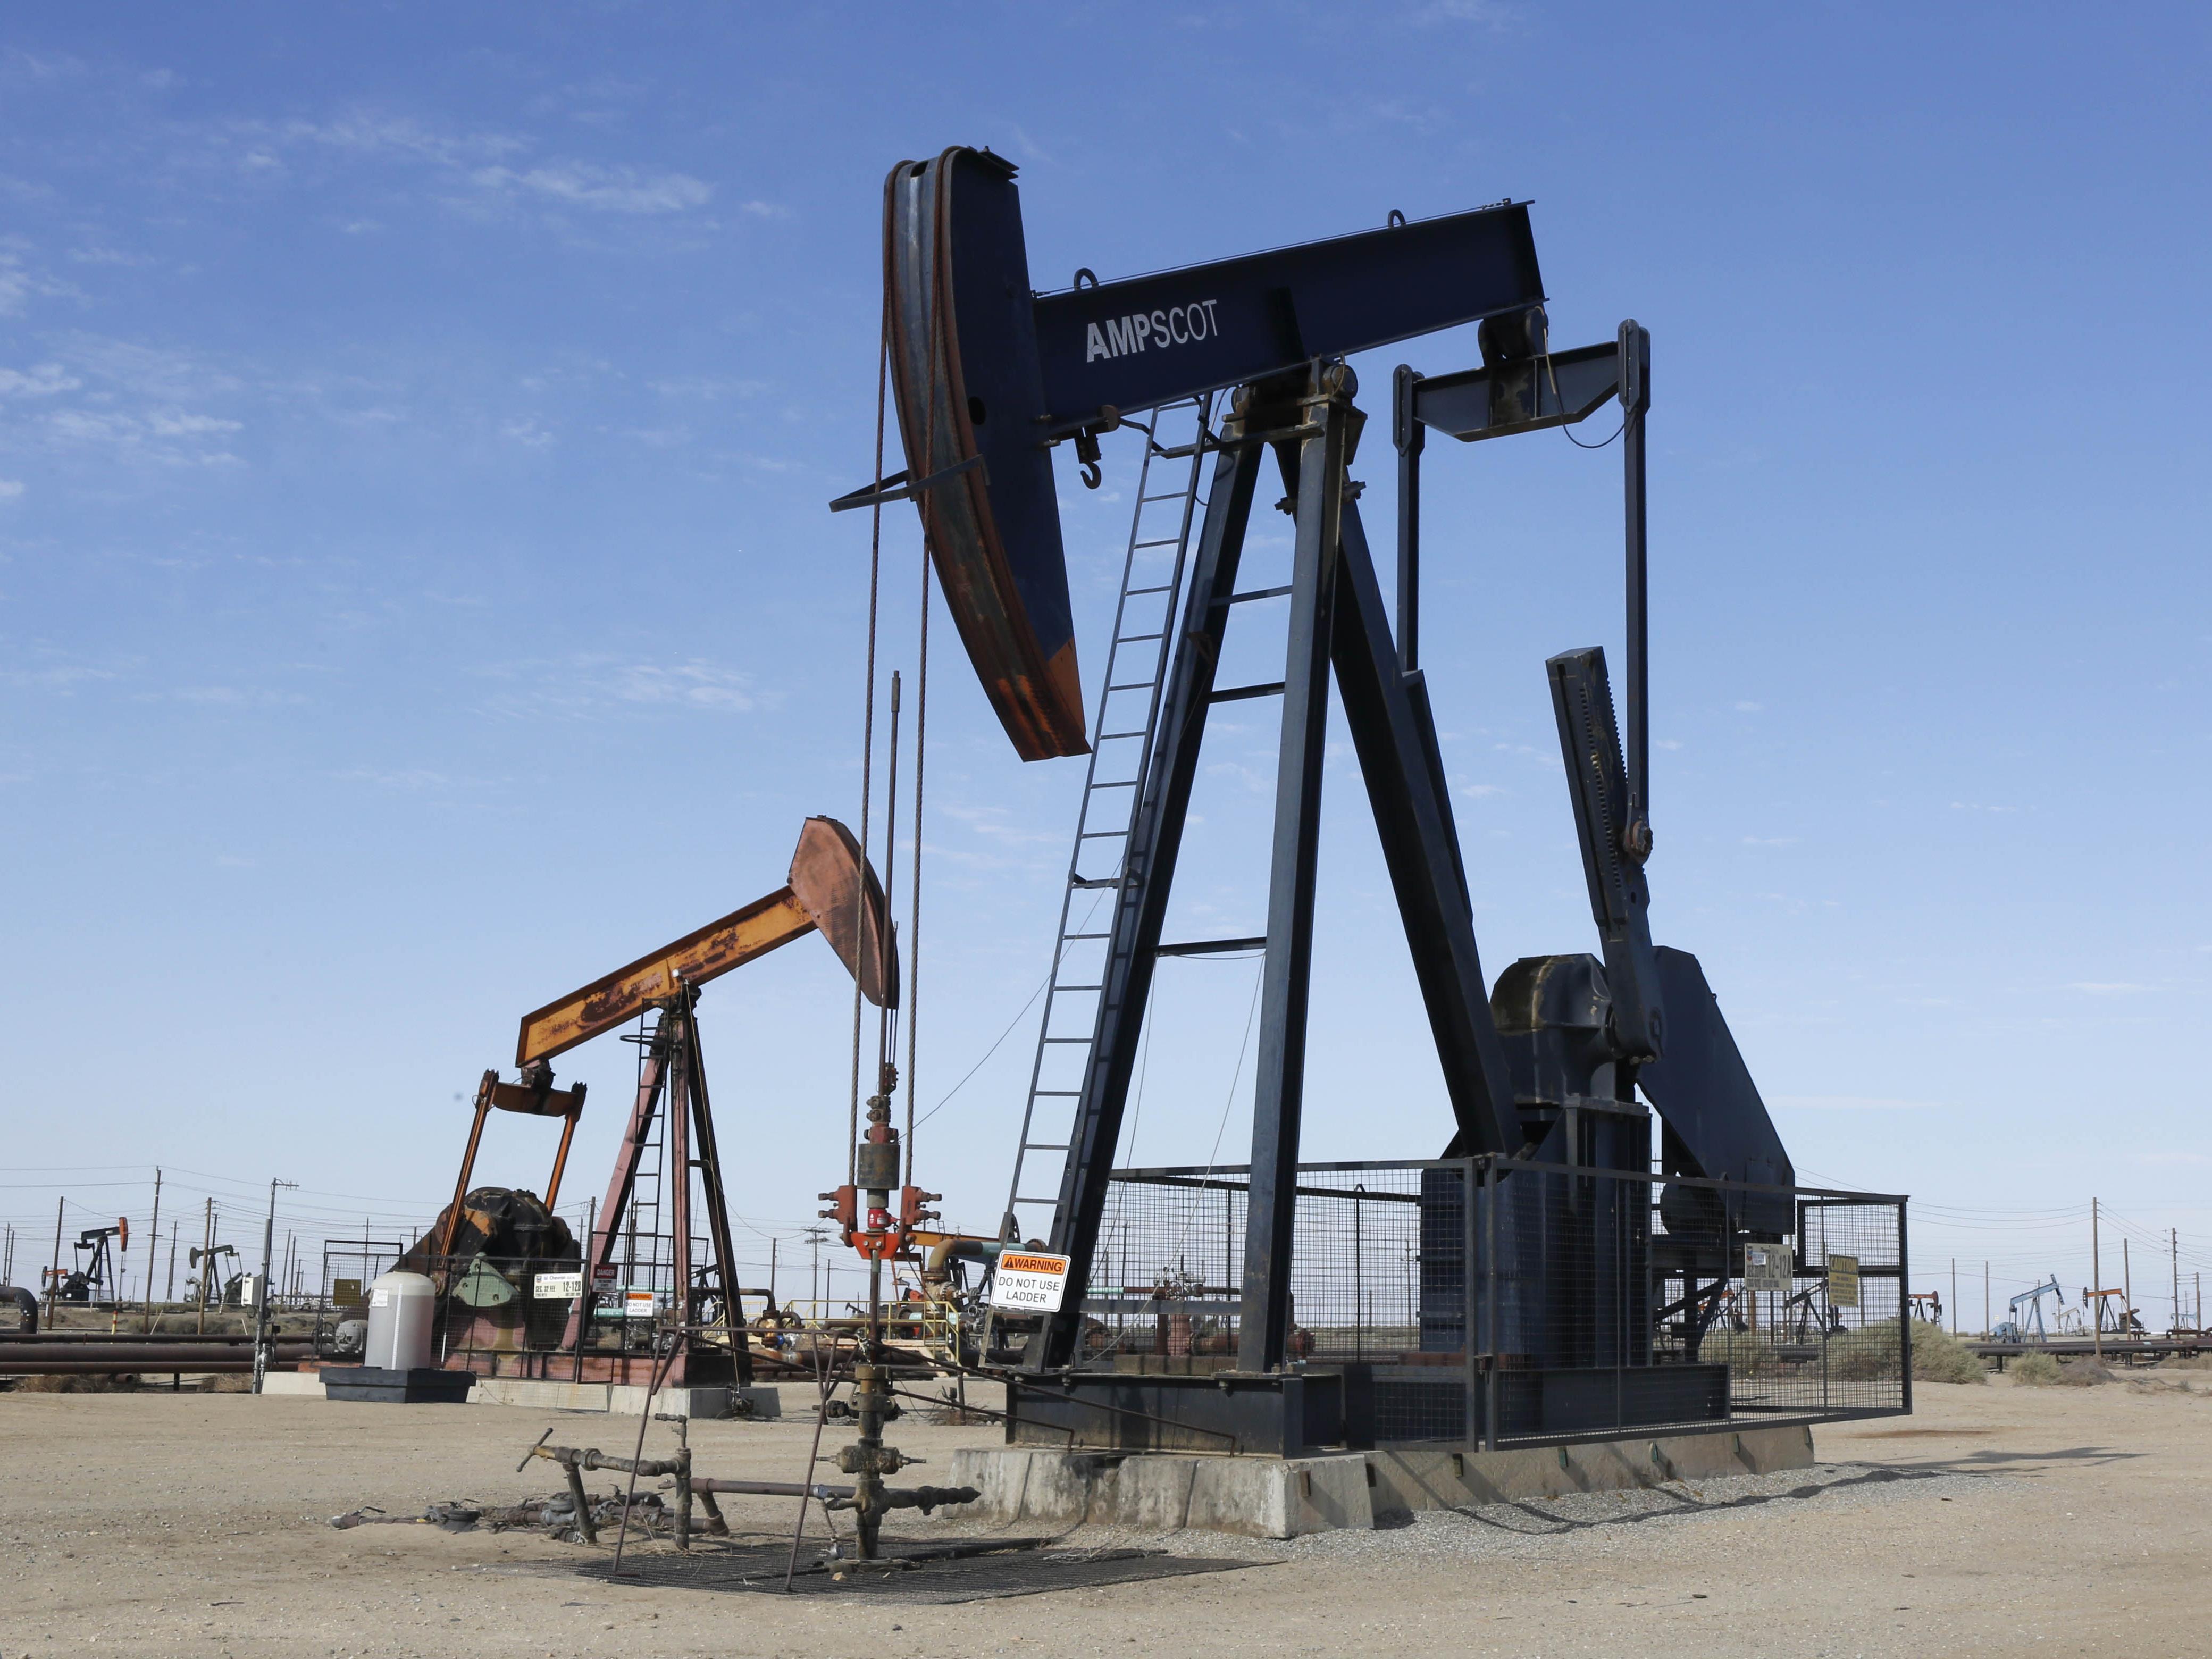 Regierungschefs hebeln das EU-Parlament aus: Keine Umweltverträglichkeitsprüfung bei Fracking.